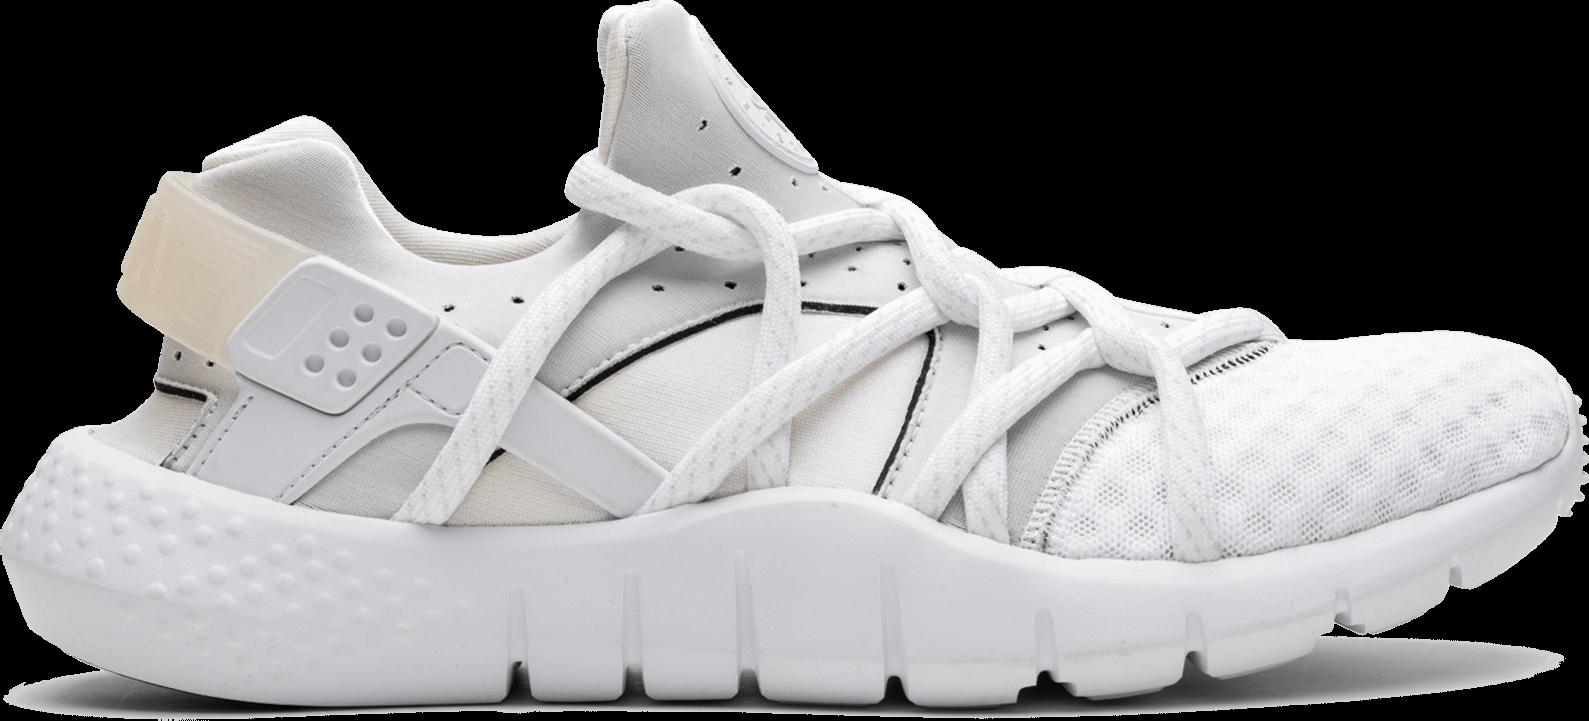 Nike Air Huarache White Sail - 705159-100